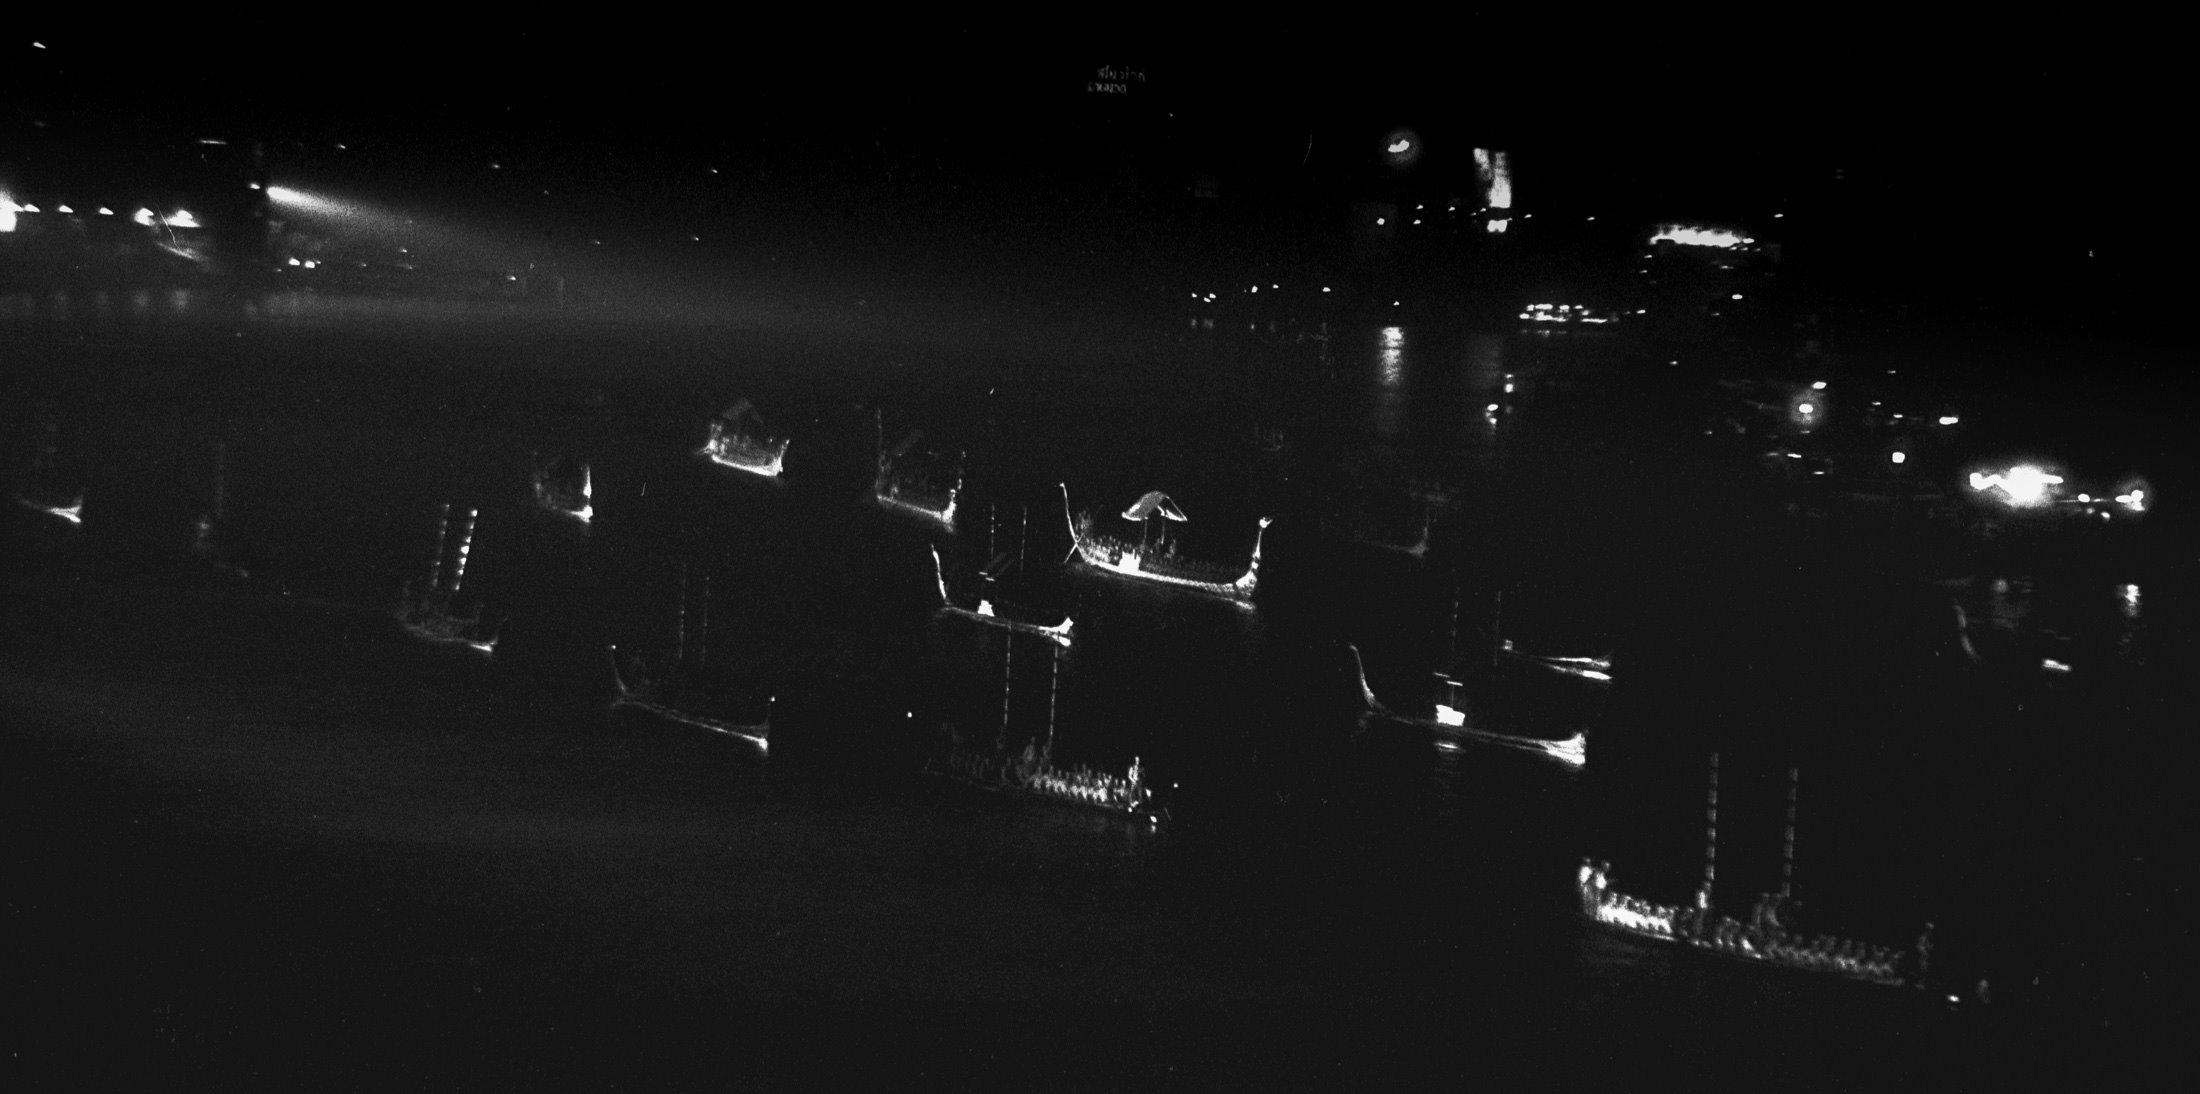 ถ่ายภาพด้วยฟิลม์อินฟราเรดตอนกลางคืน ?????